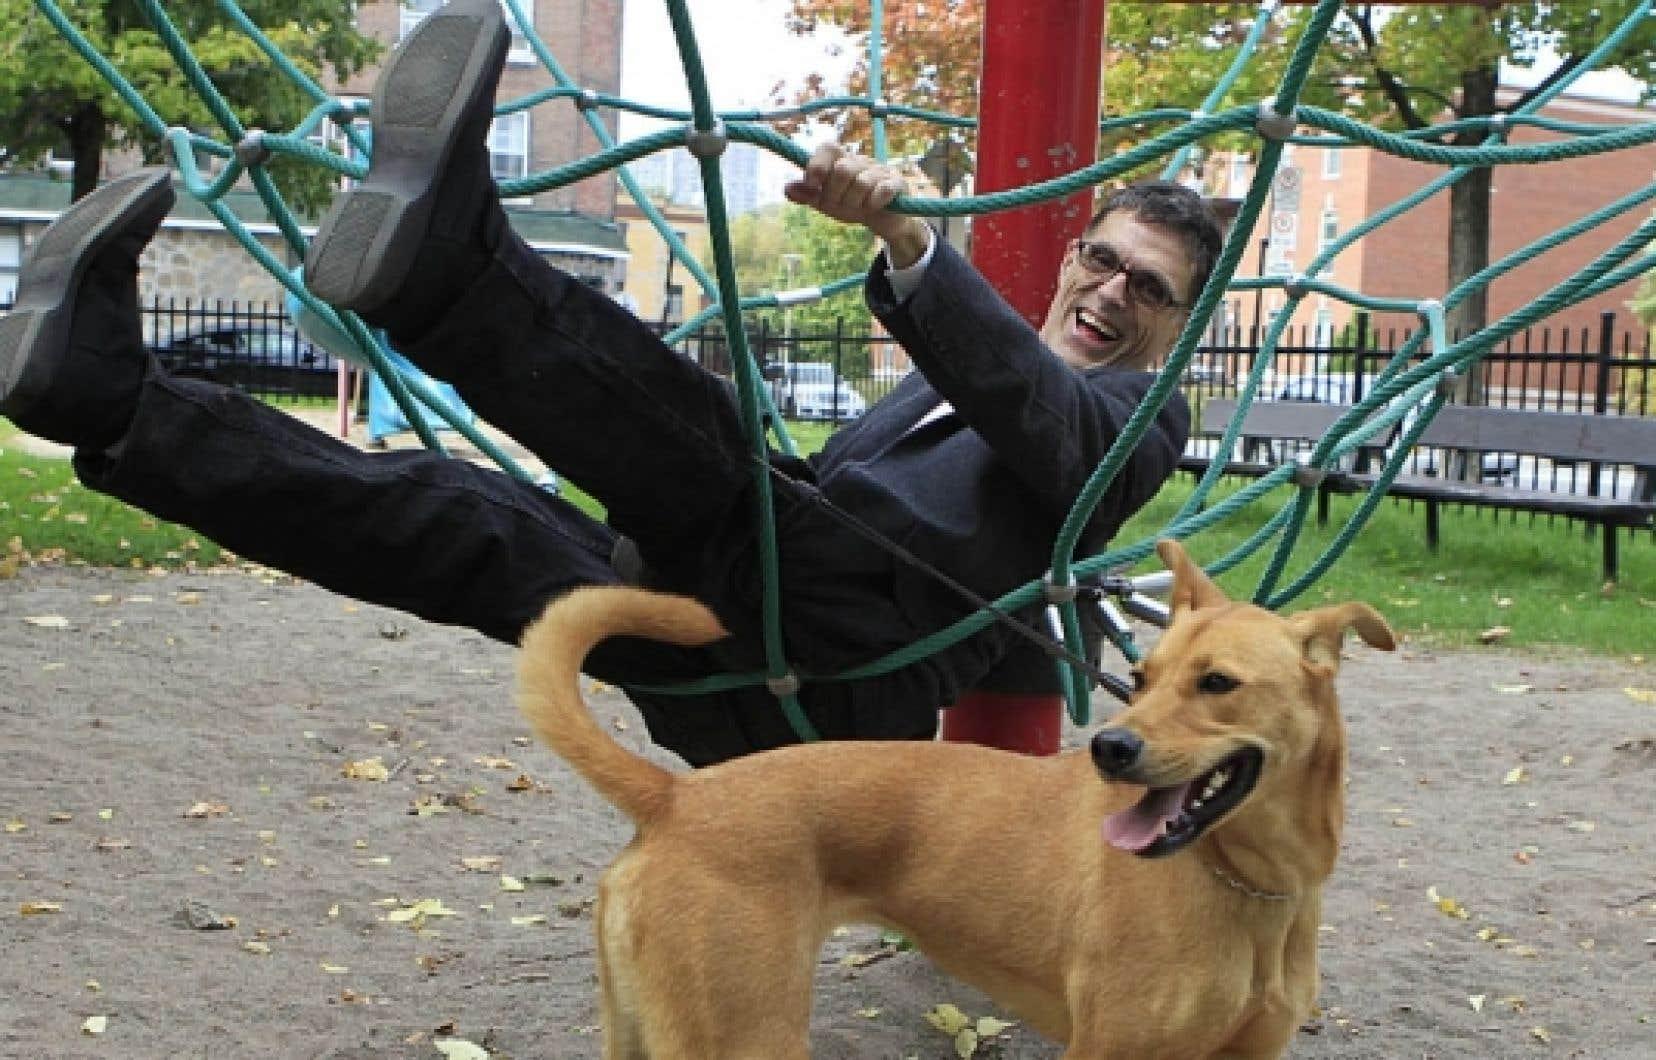 L'écrivain Pierre Gobeil revenu d'une échappée belle de six mois dans le Maine, en compagnie de son chien Nouki et de son fils de dix ans. Le voyage aux visées pédagogiques les a plus unis qu'instruits.